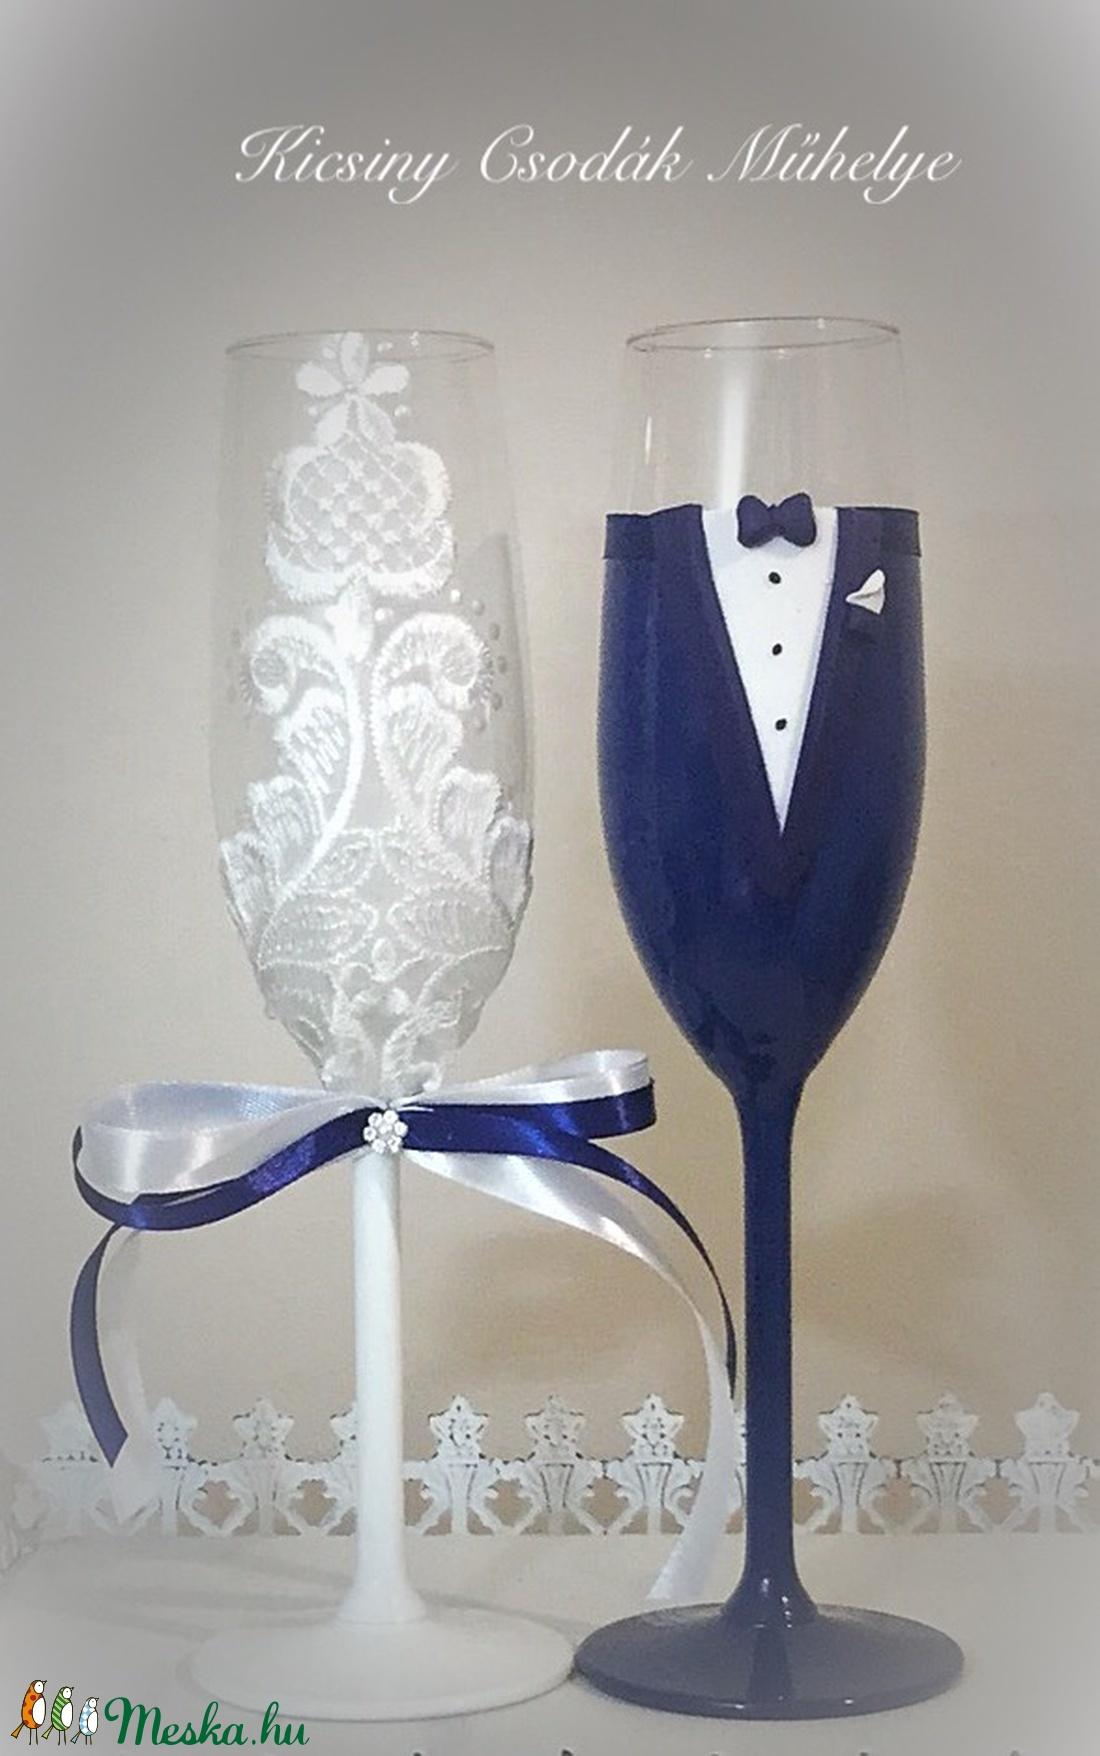 Navy kék Csipke esküvői pohár pár (KicsinyCsodak) - Meska.hu